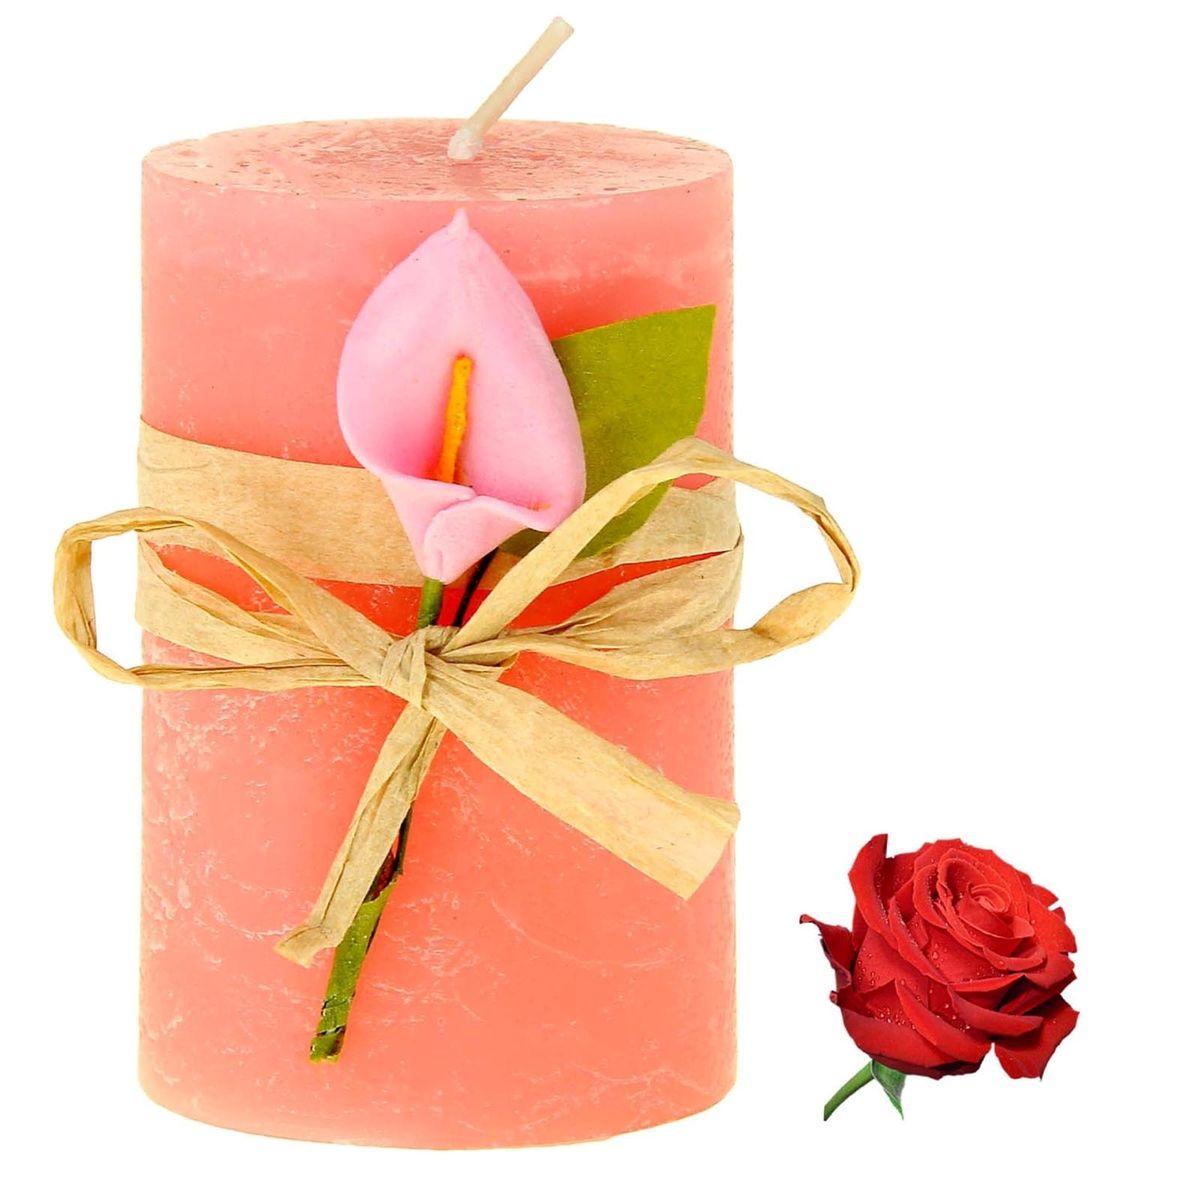 Свеча ароматизированная Sima-land Роза, высота 7 смES-412Свеча Sima-land Роза выполнена из воска в виде столбика и украшена цветком. Свеча наполнит дом нежным ароматом розы, который понравится как женщинам, так и мужчинам. Создайте для себя и своих близких не забываемую атмосферу праздника. Ароматическая свеча Sima-land Роза раскрасит серые будни яркими красками.